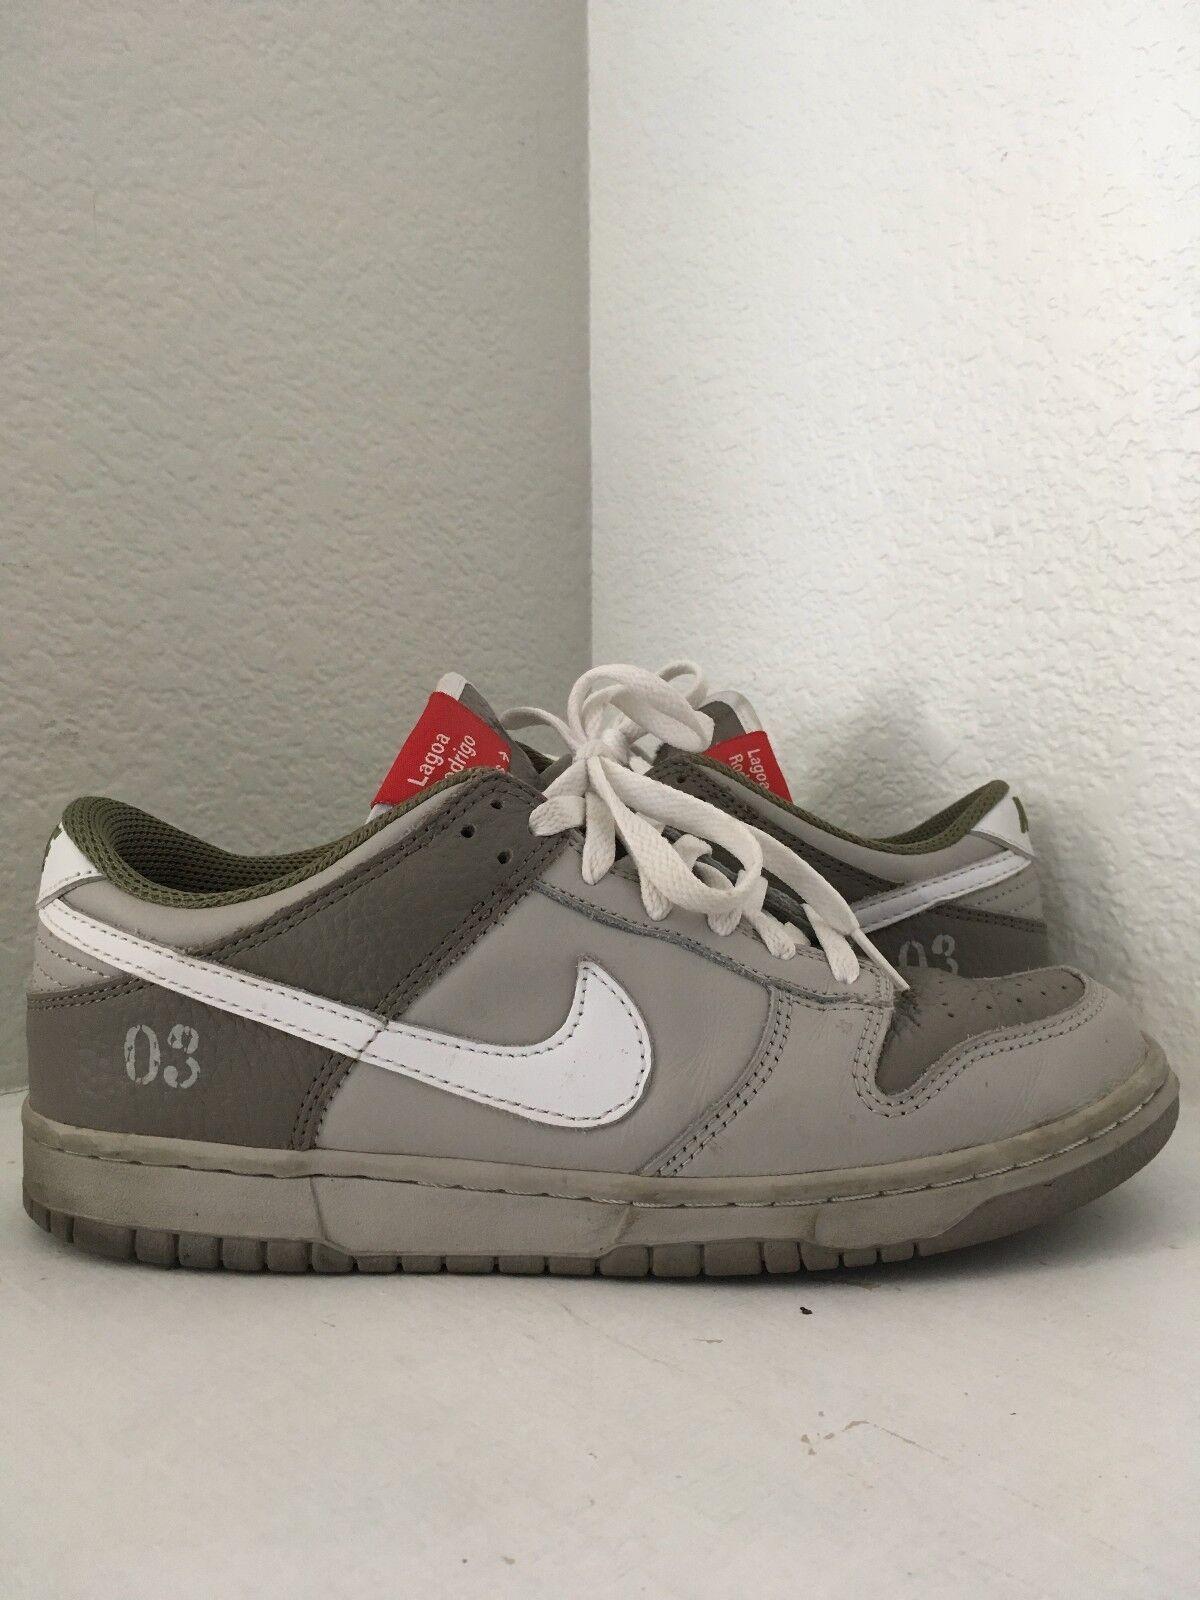 2018 Nike Dunk Low Premium Lagoa Rodrigo De Freitas Grey White Size 8.5